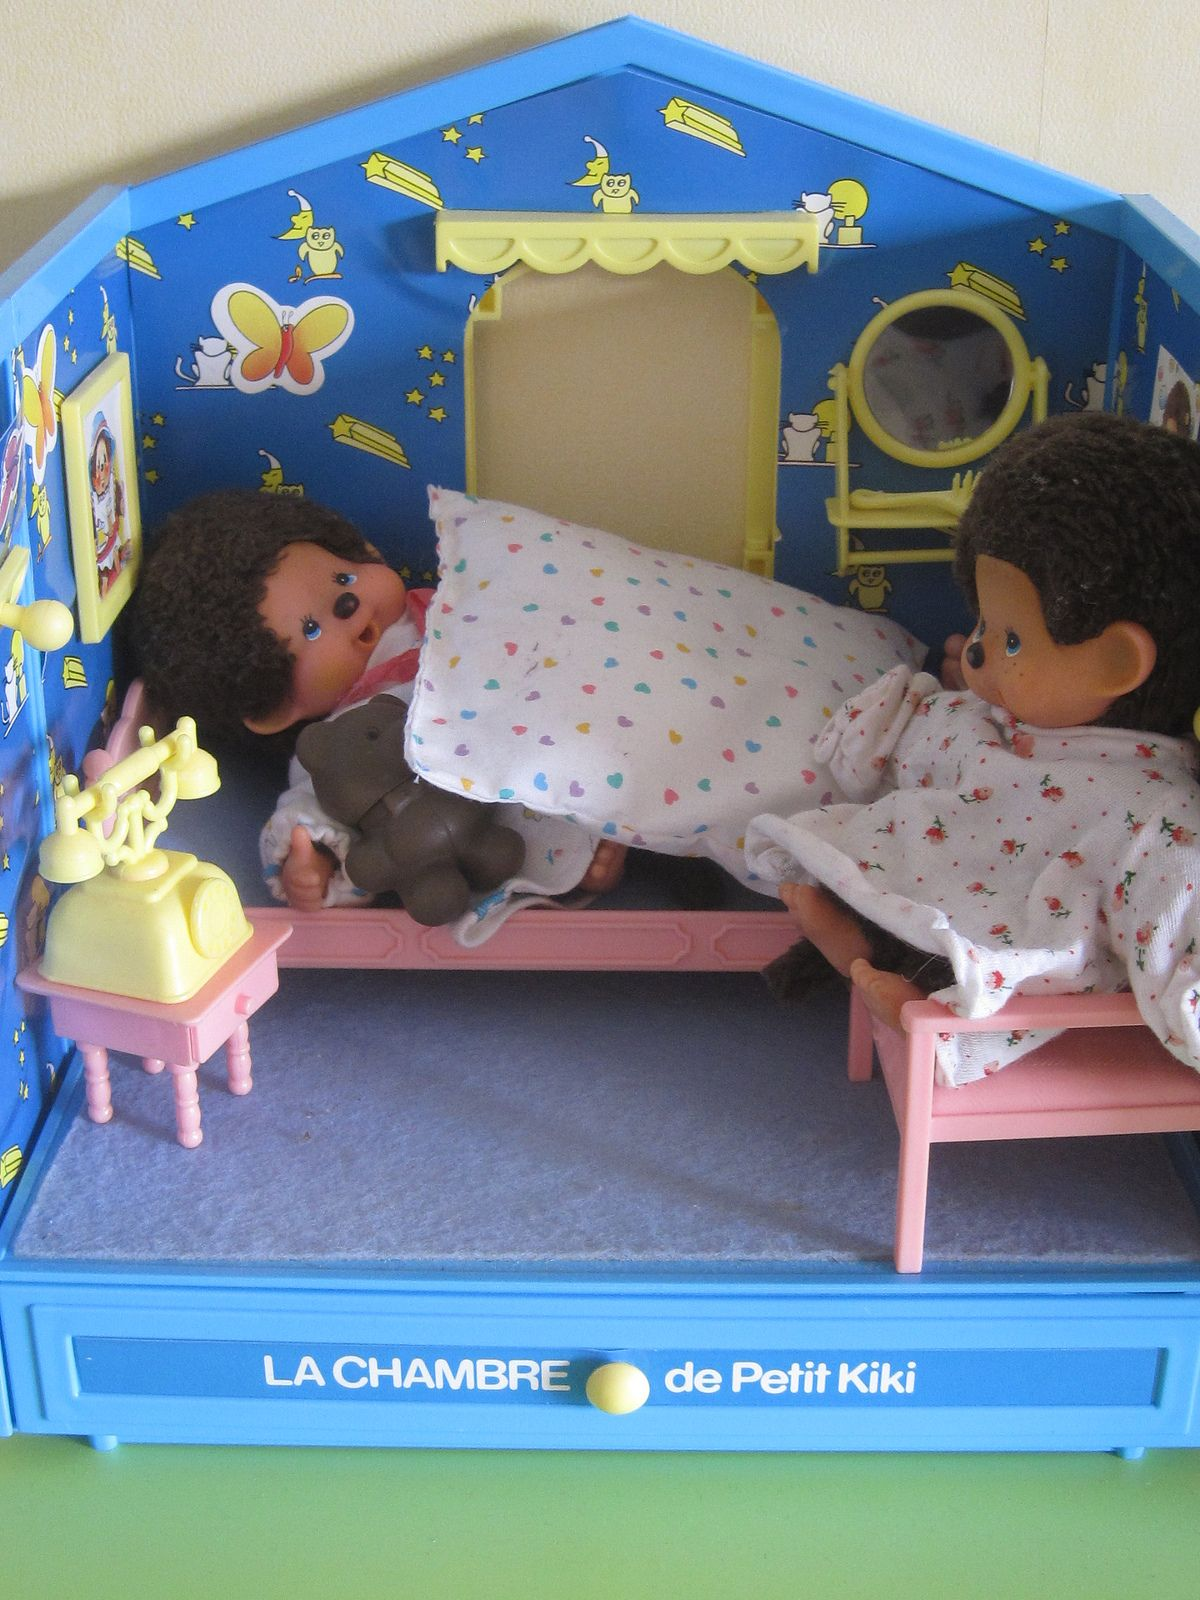 Chambre de petit kiki Ajena